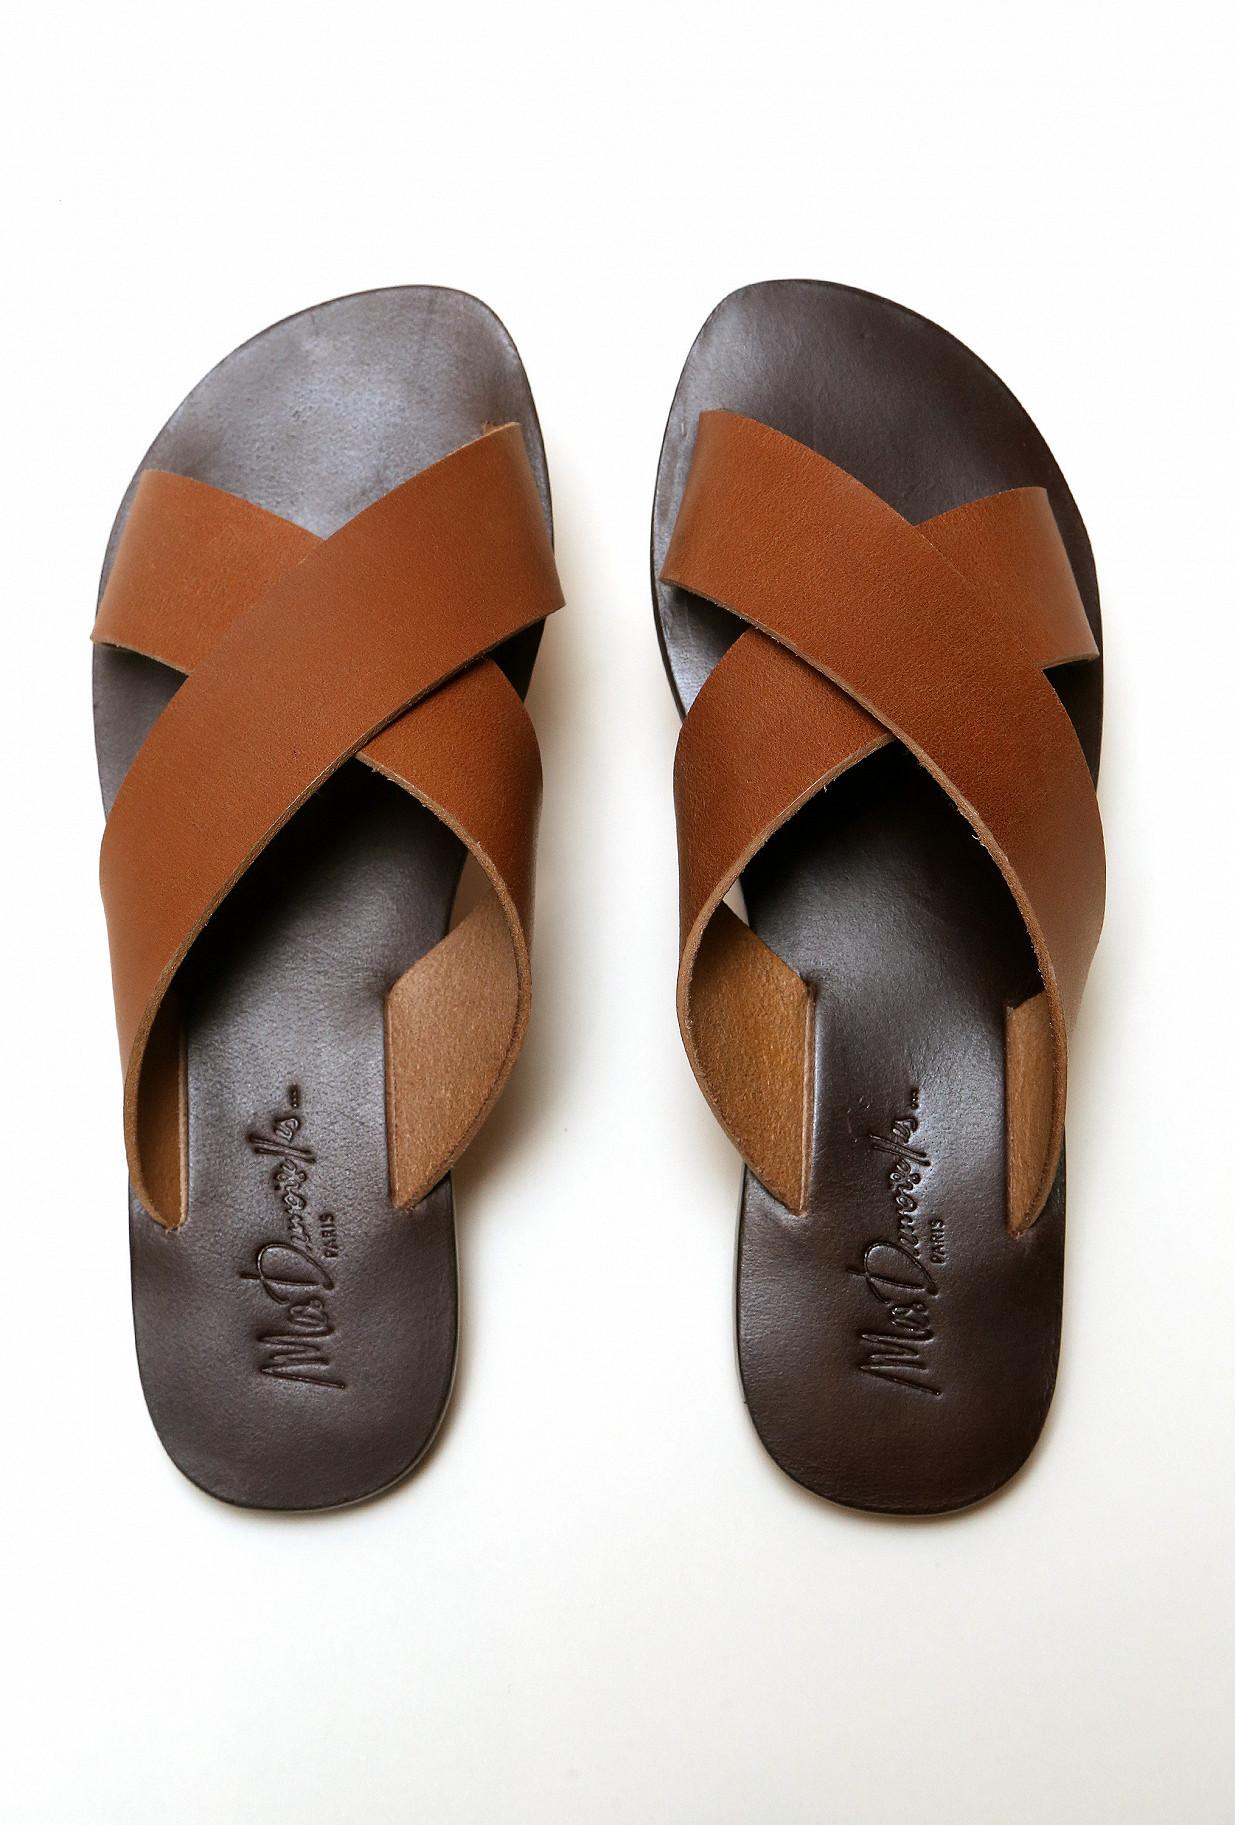 Sandals  Sandals Ankh Out&in Cow L Sole :buffalo L Mes demoiselles fashion clothes designer Paris